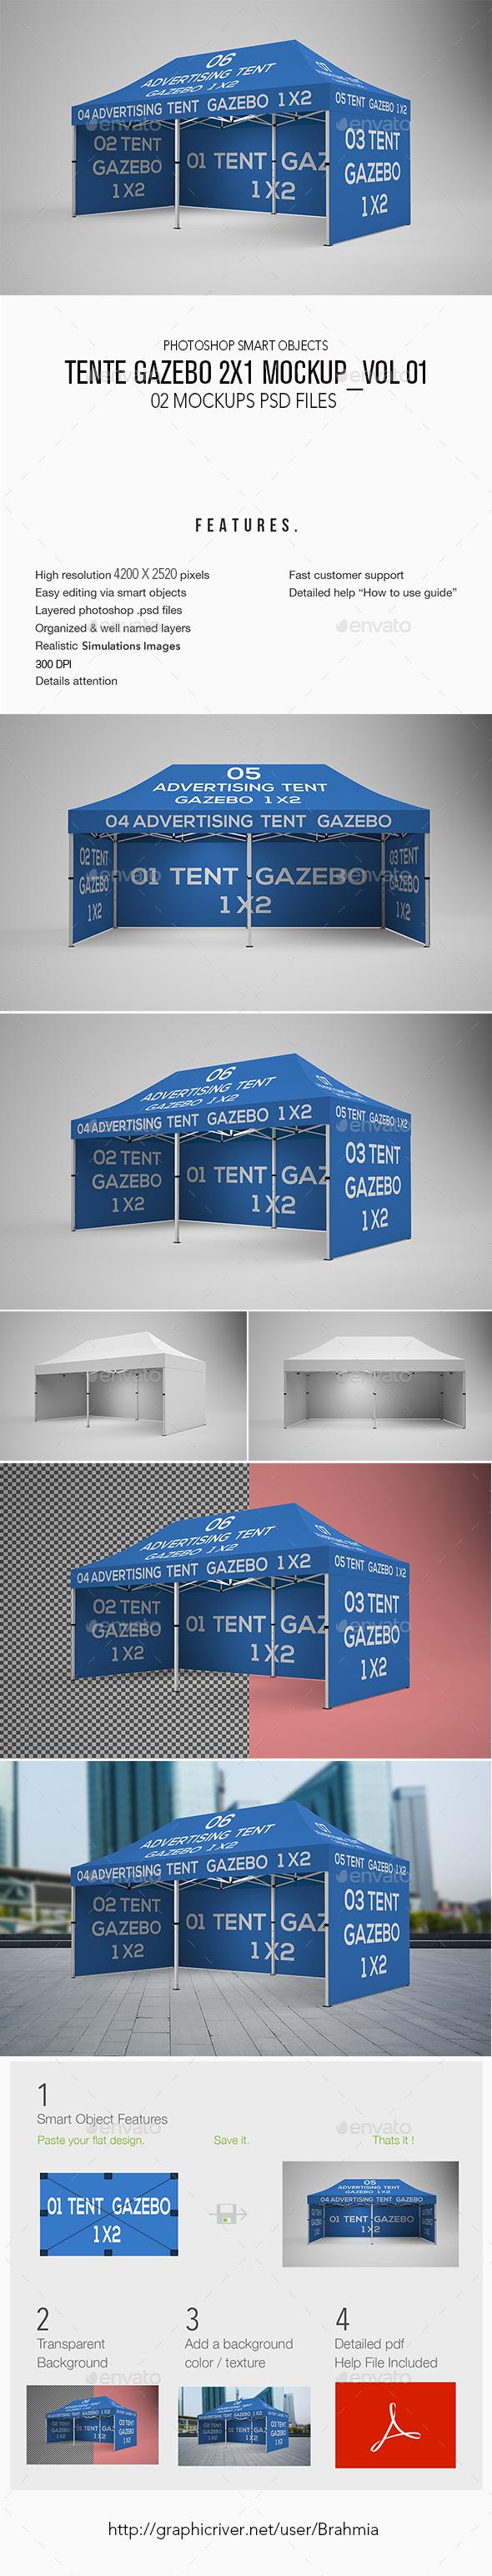 Tente Gazebo 2x1 Mockup Vol 01 - Miscellaneous Displays